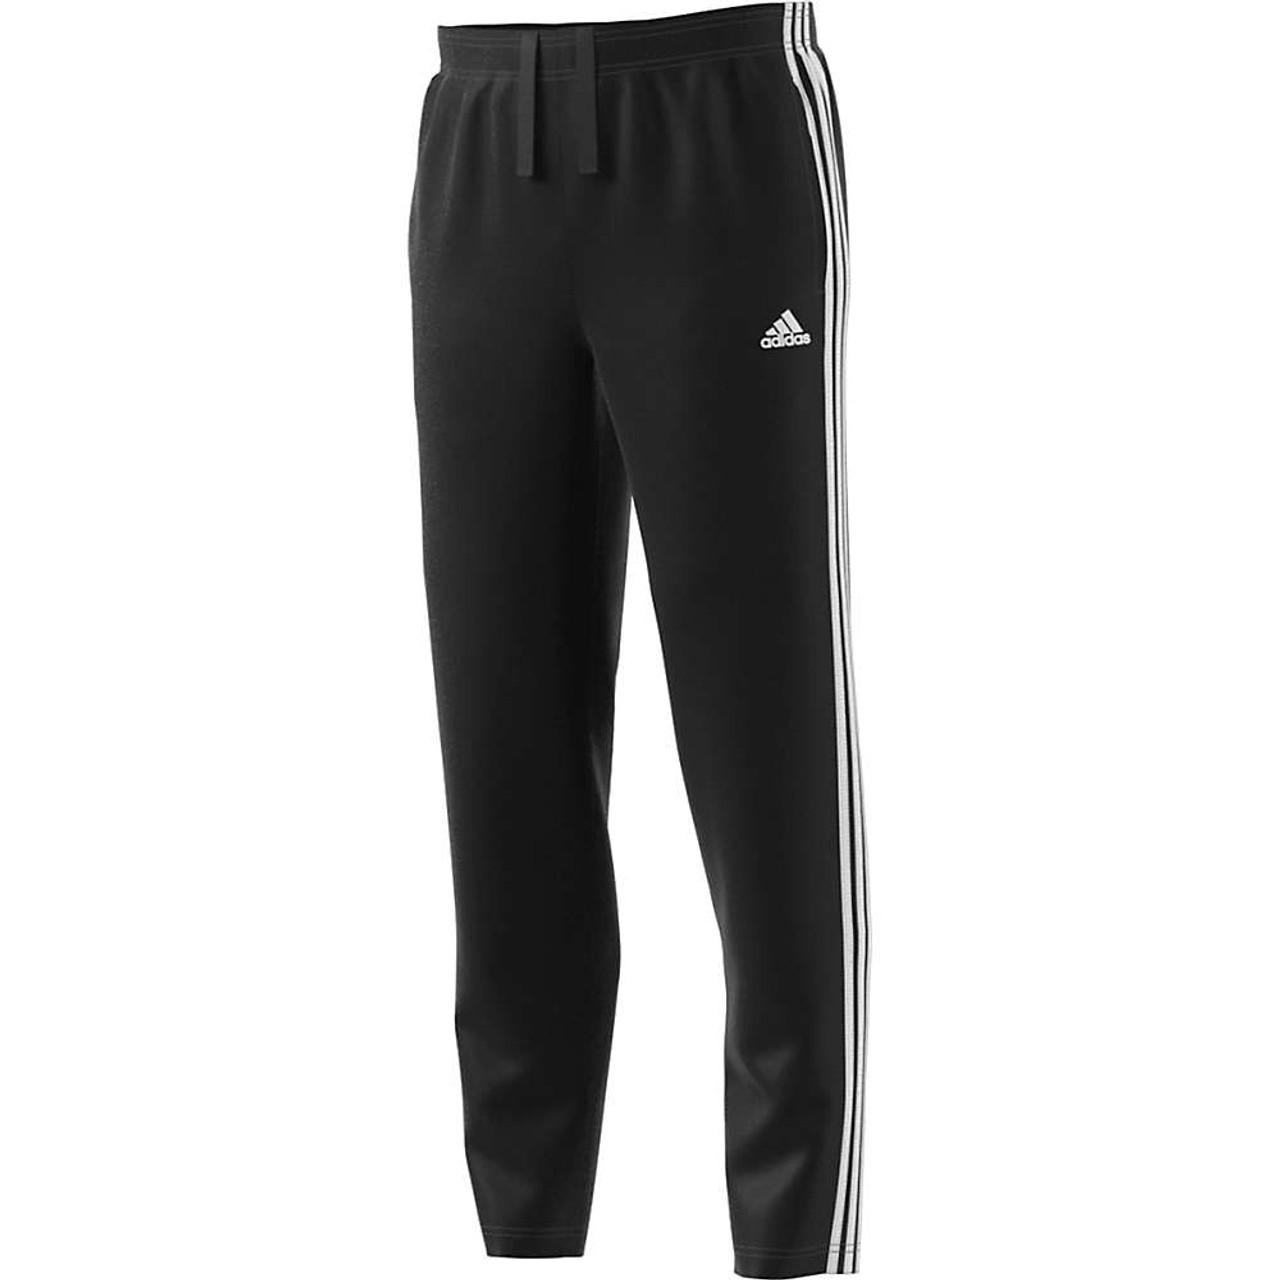 Adidas Pant Mens